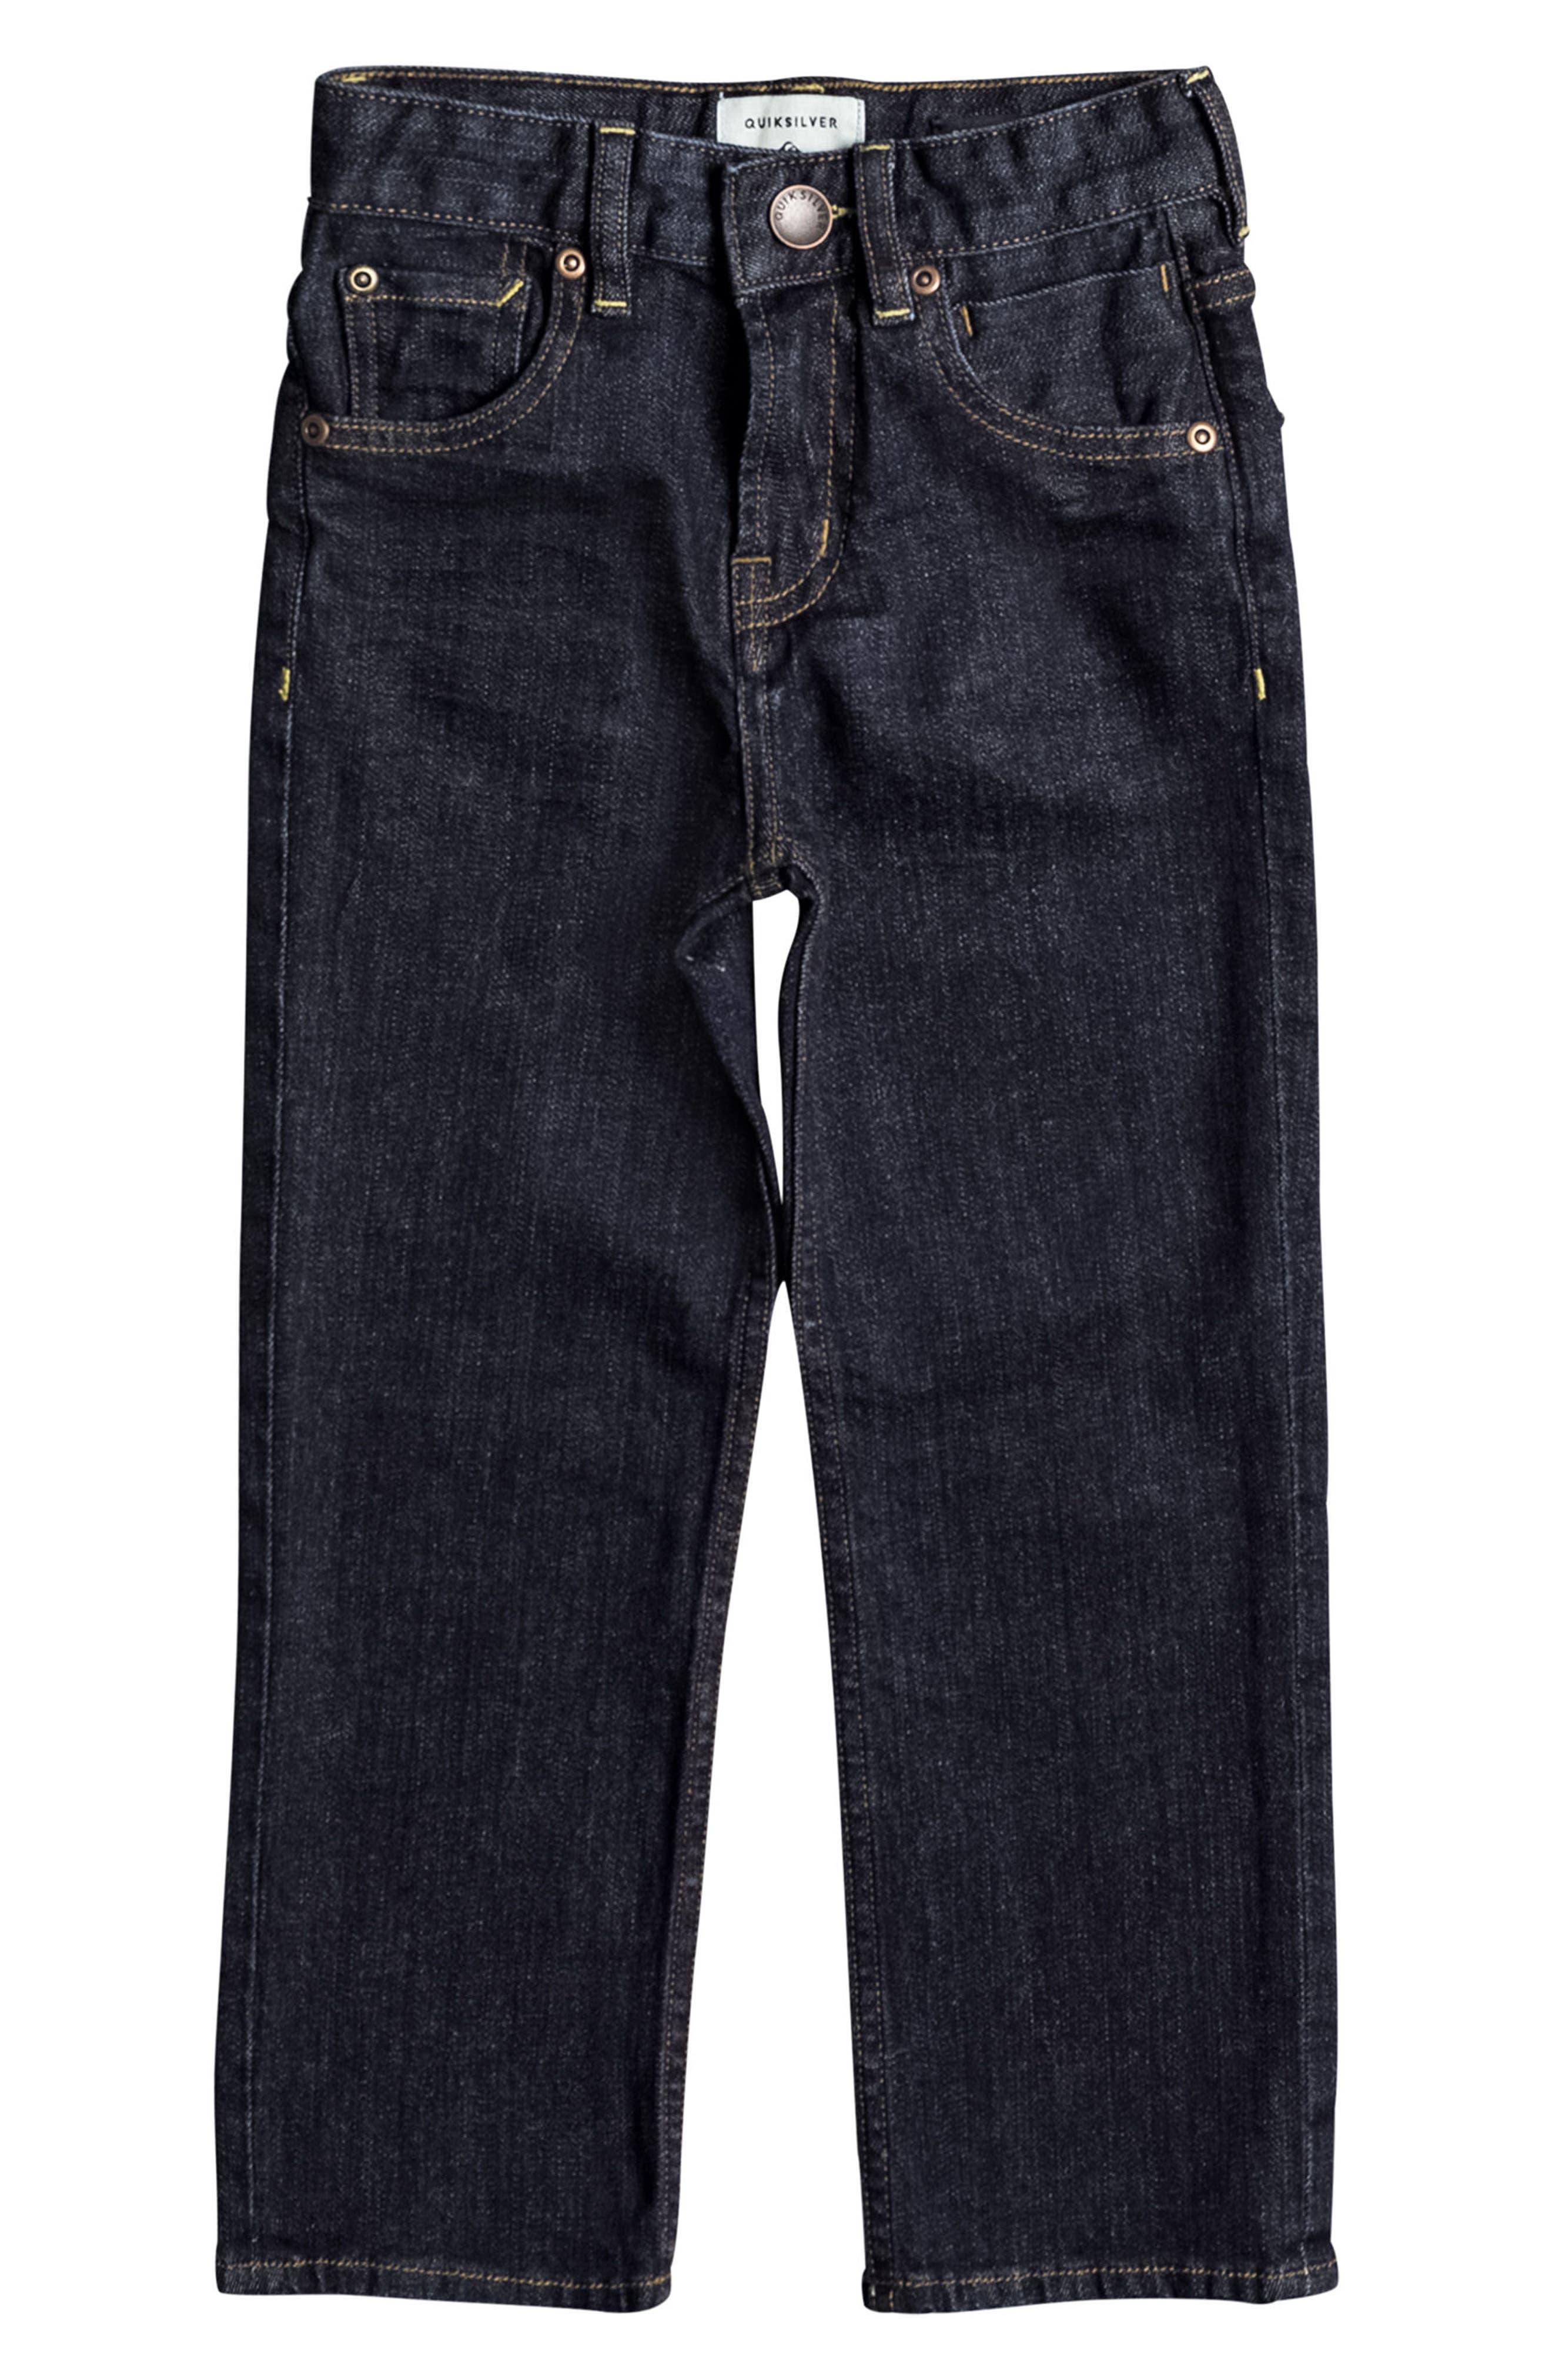 Sequel 5-Pocket Jeans,                             Main thumbnail 1, color,                             401